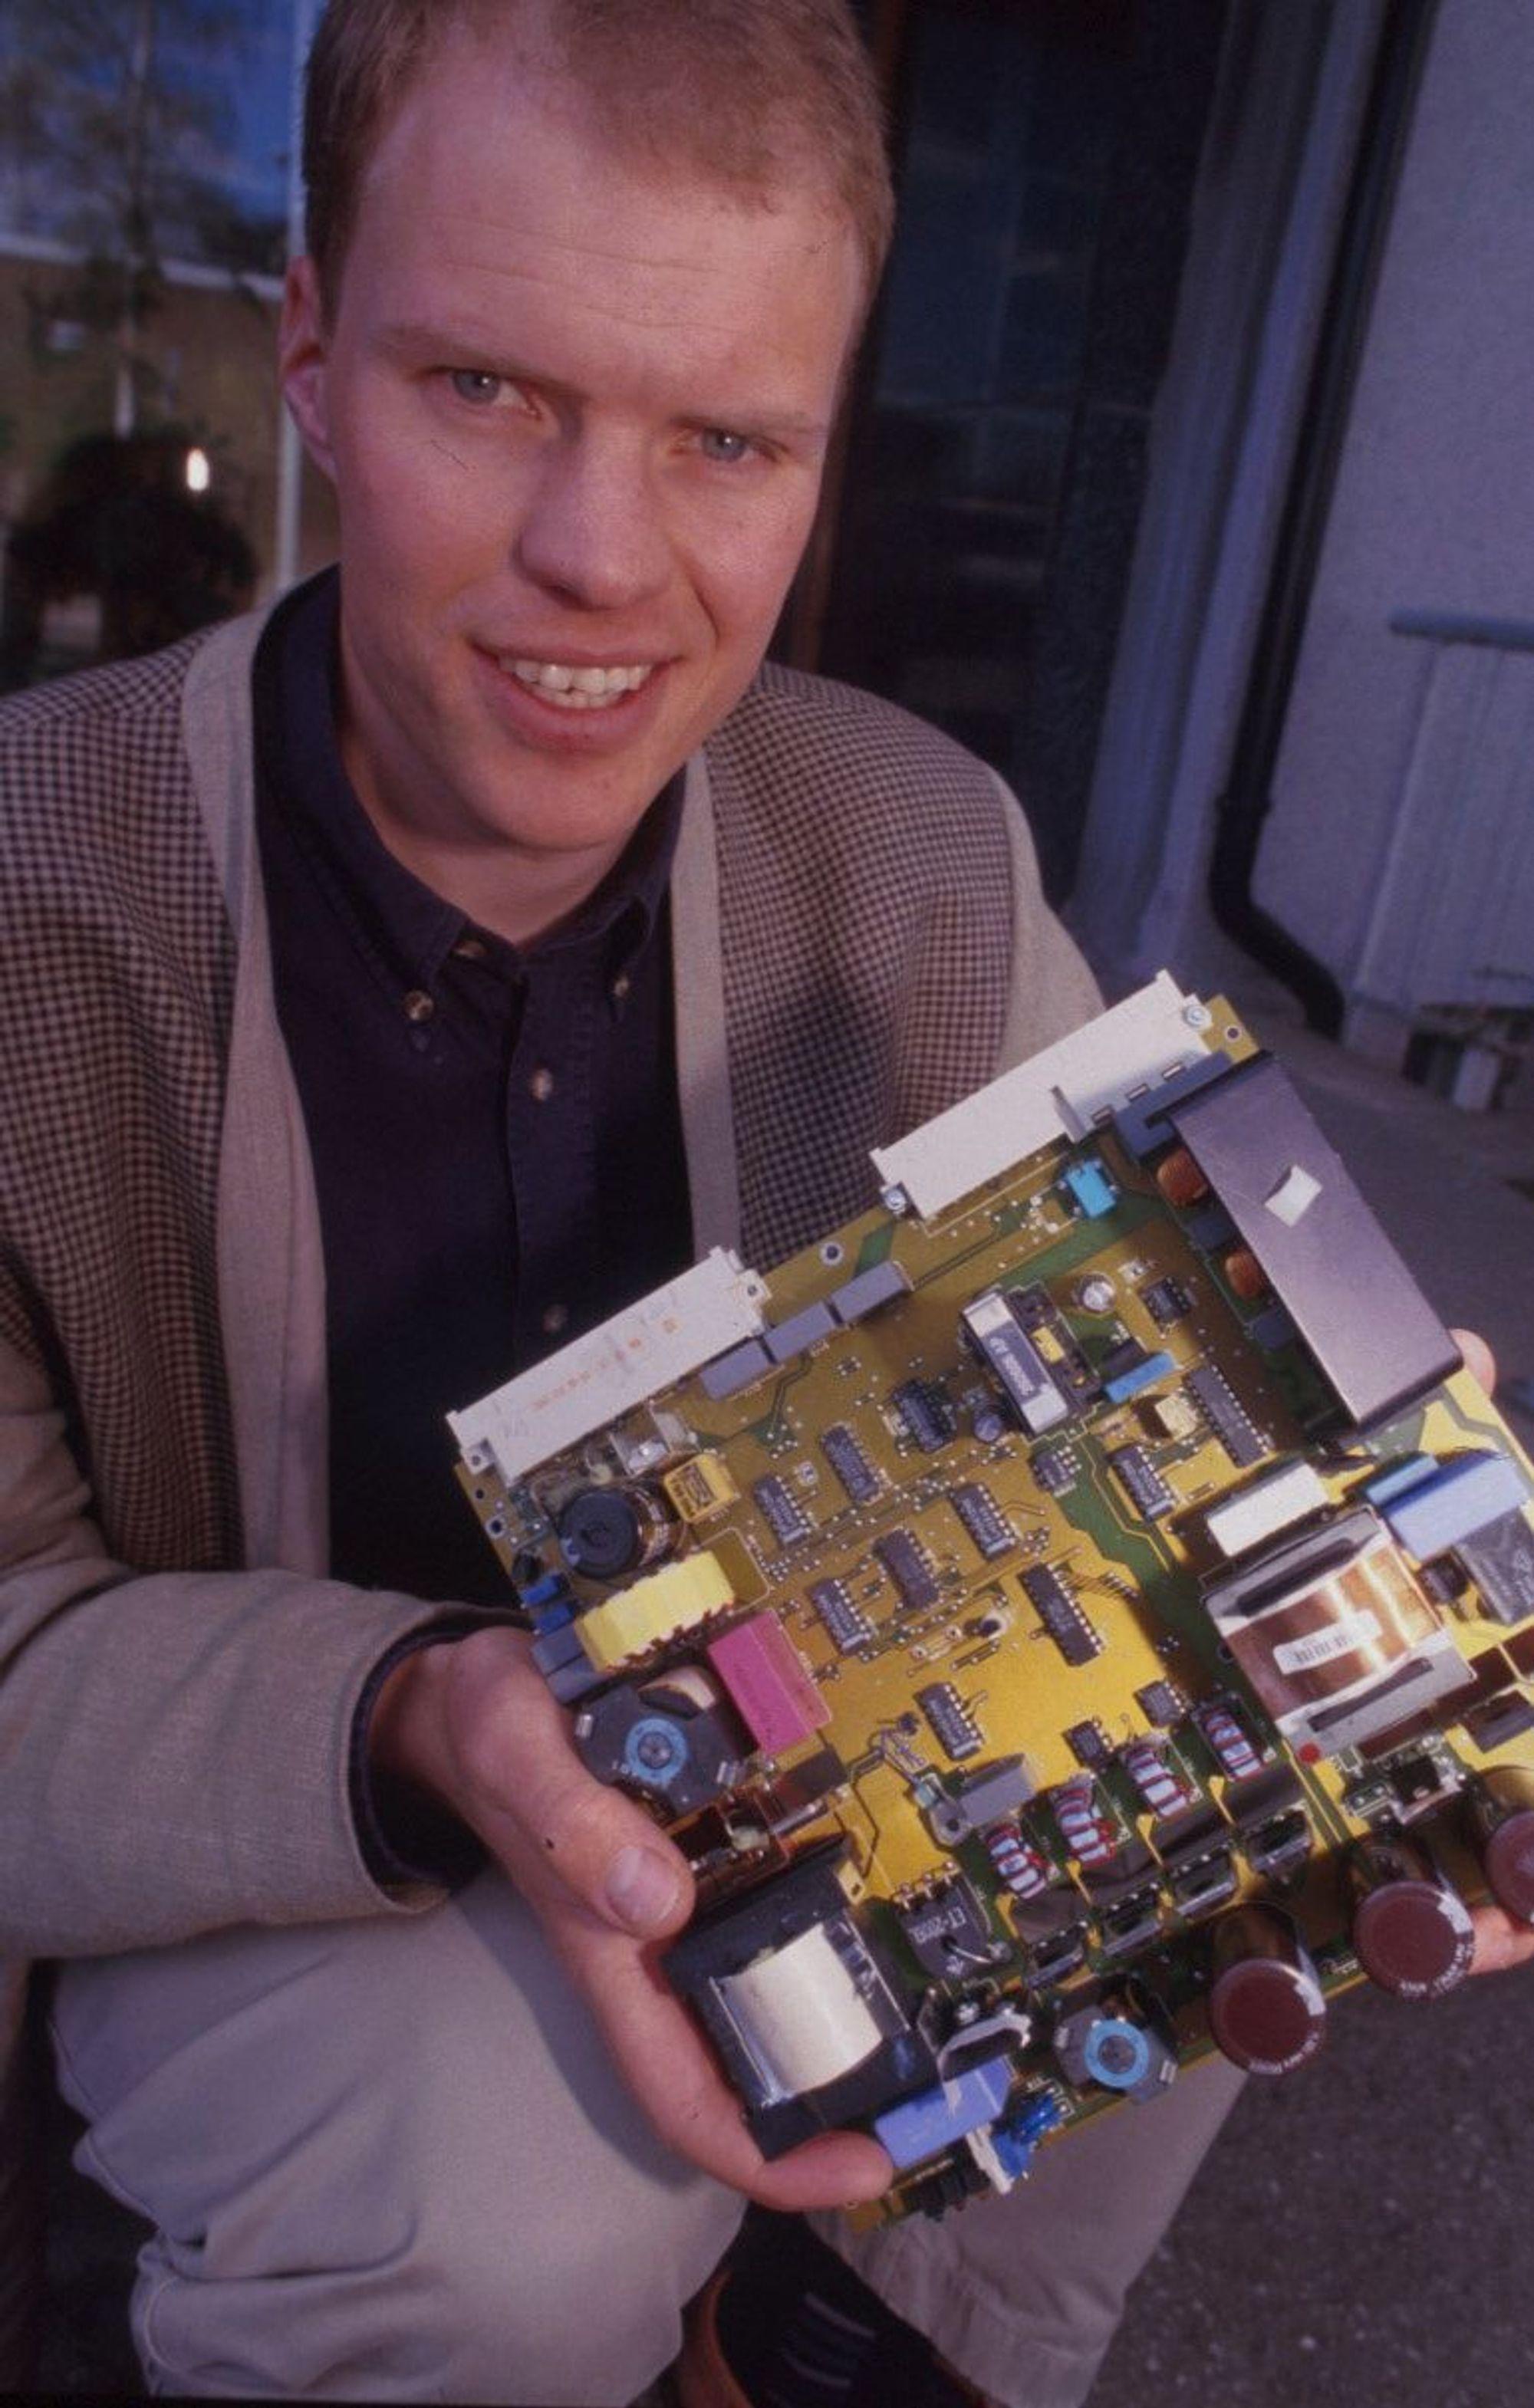 LOVLIG: - Tetrabrombisfenol A, som er den mest vanlig brukte bromforbindelsen i elektronikkindustrien, står fortsatt ikke på noen forbudslister i EU-systemet, sier seniorrådgiver Dag Ausen, Sintef Elektronikk og Kybernetikk.FOTO: FINN HALVORSEN